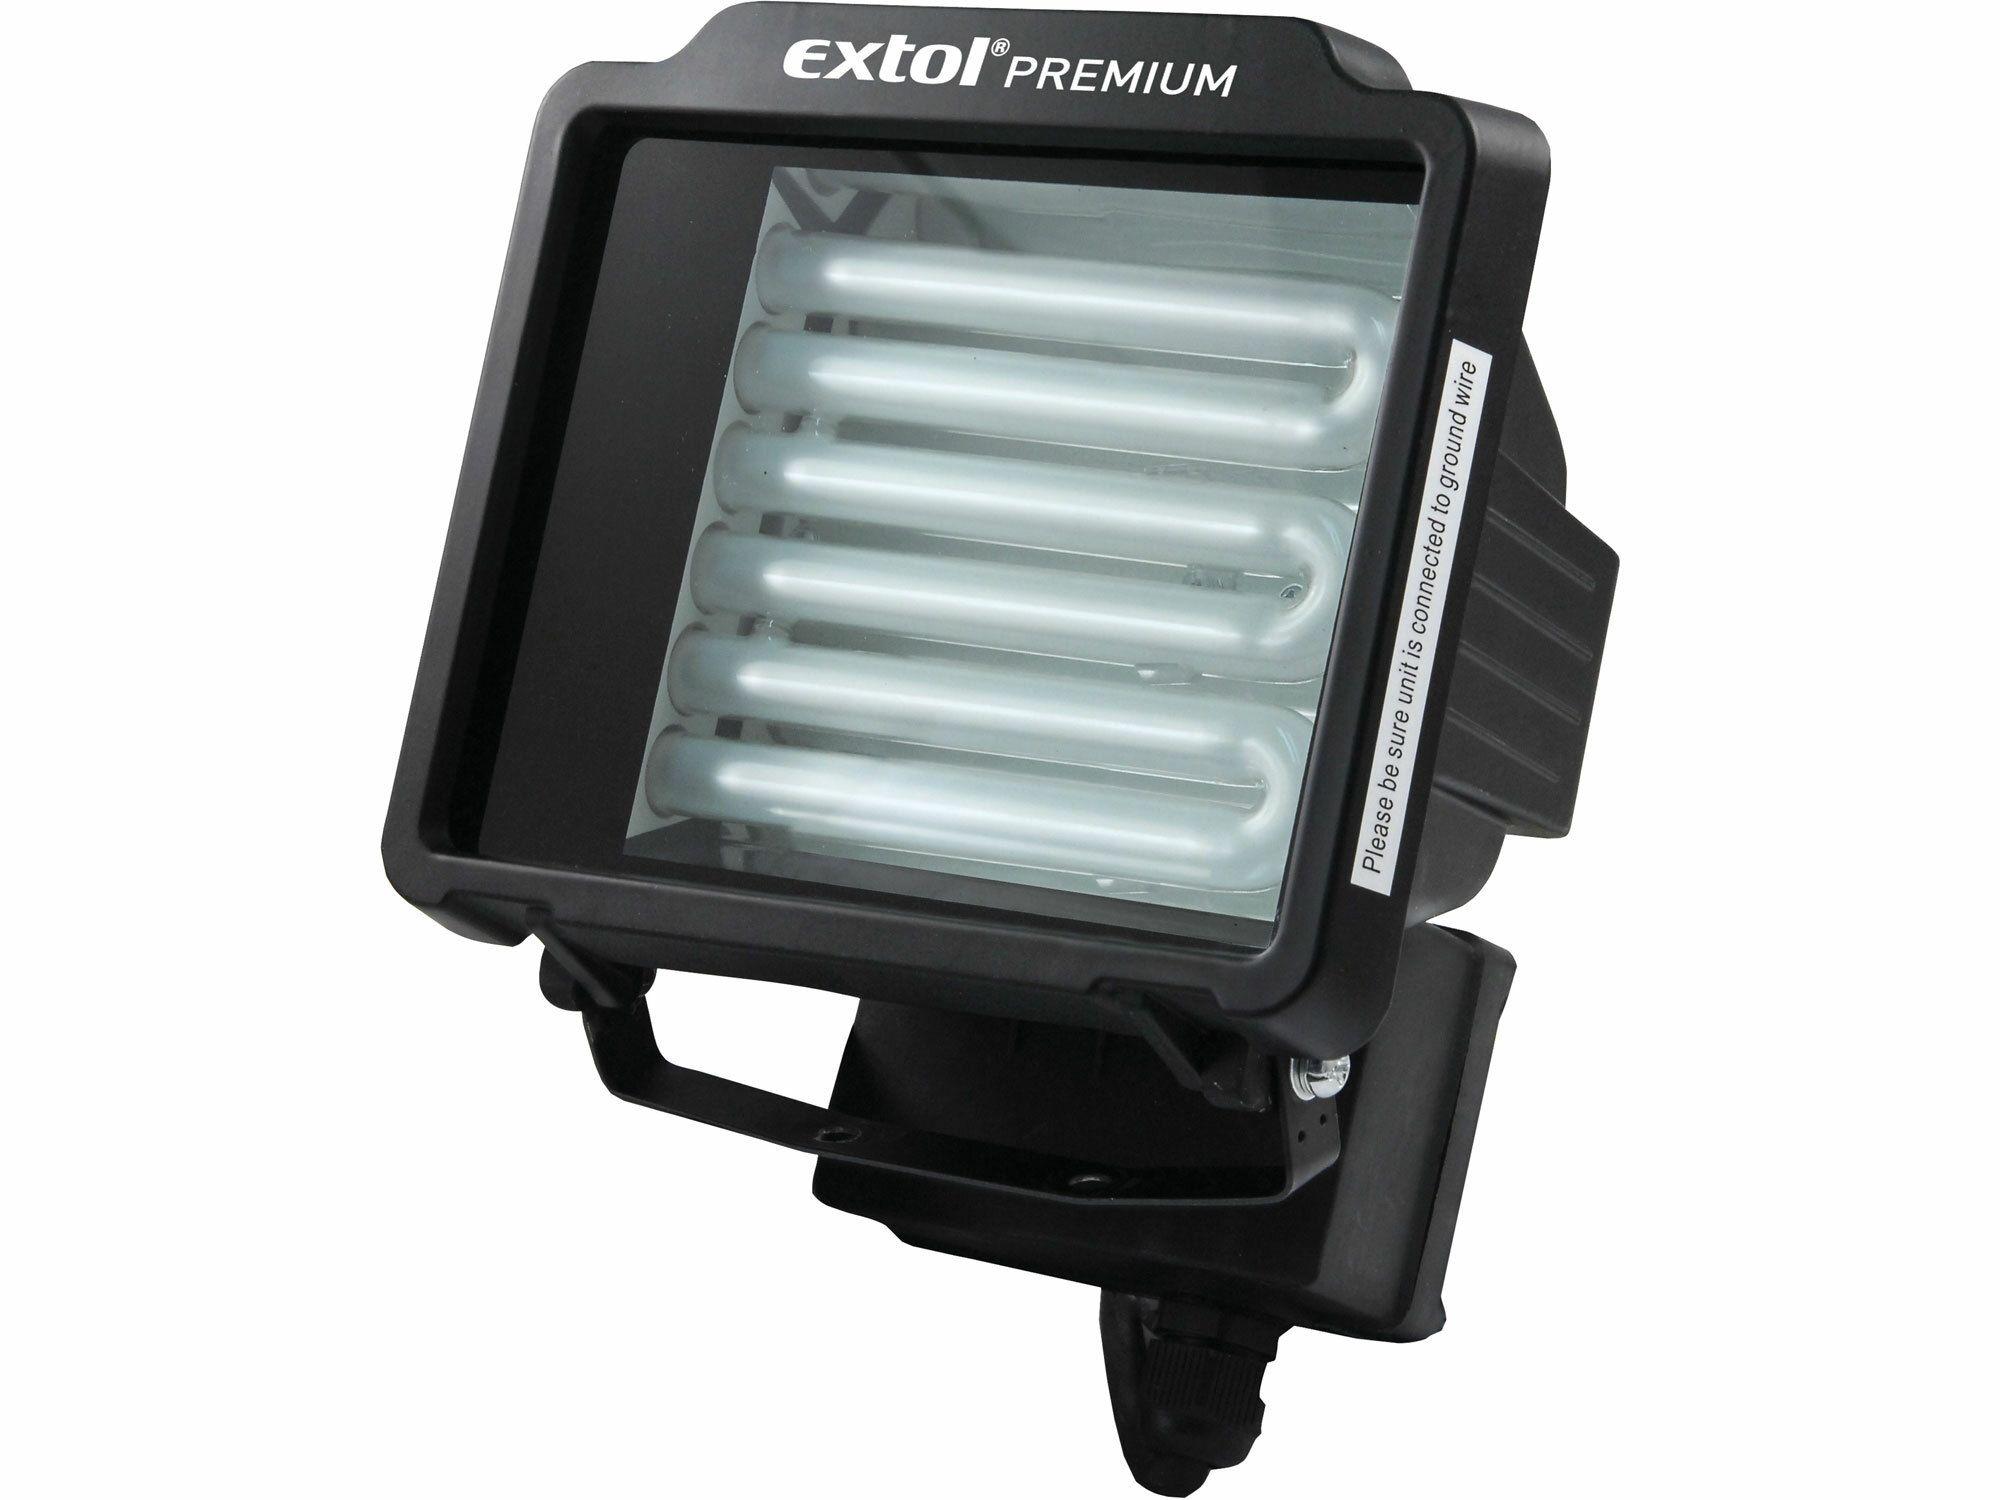 Světlo s úspornou zářivkou přenosné, 32W, bez podstavce a kabelu, EXTOL PREMIUM